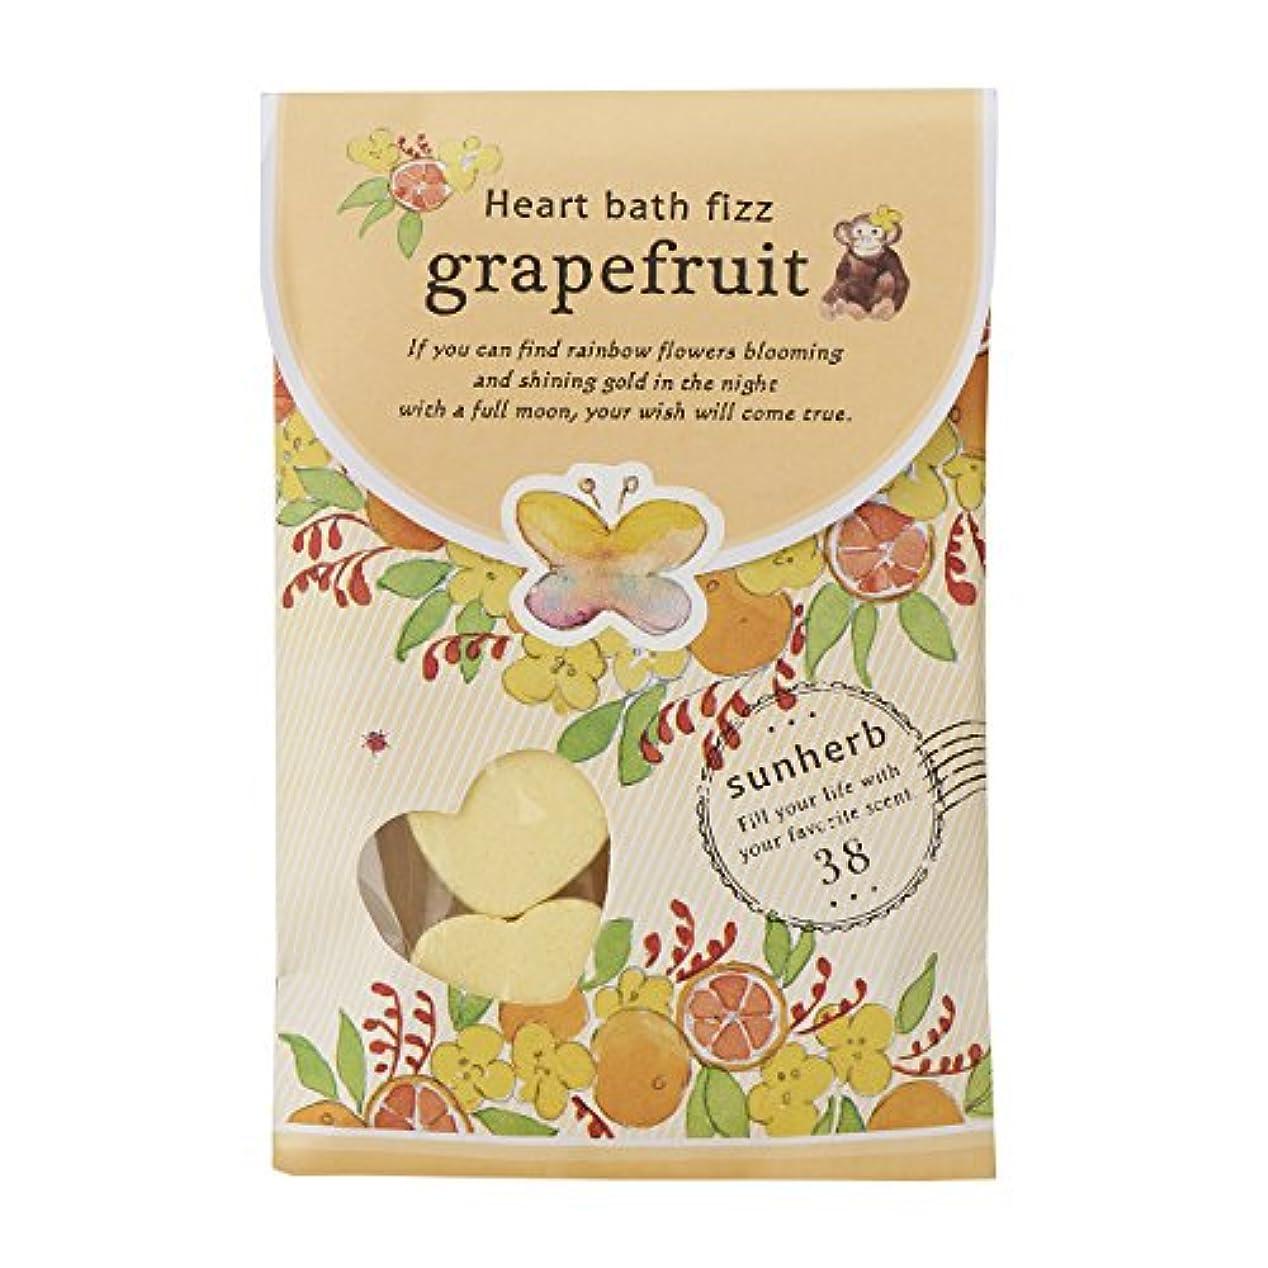 番号飾るによってサンハーブ ハートバスフィズ28g×2包 グレープフルーツ(発泡タイプの入浴料 シャキっとまぶしい柑橘系の香り)